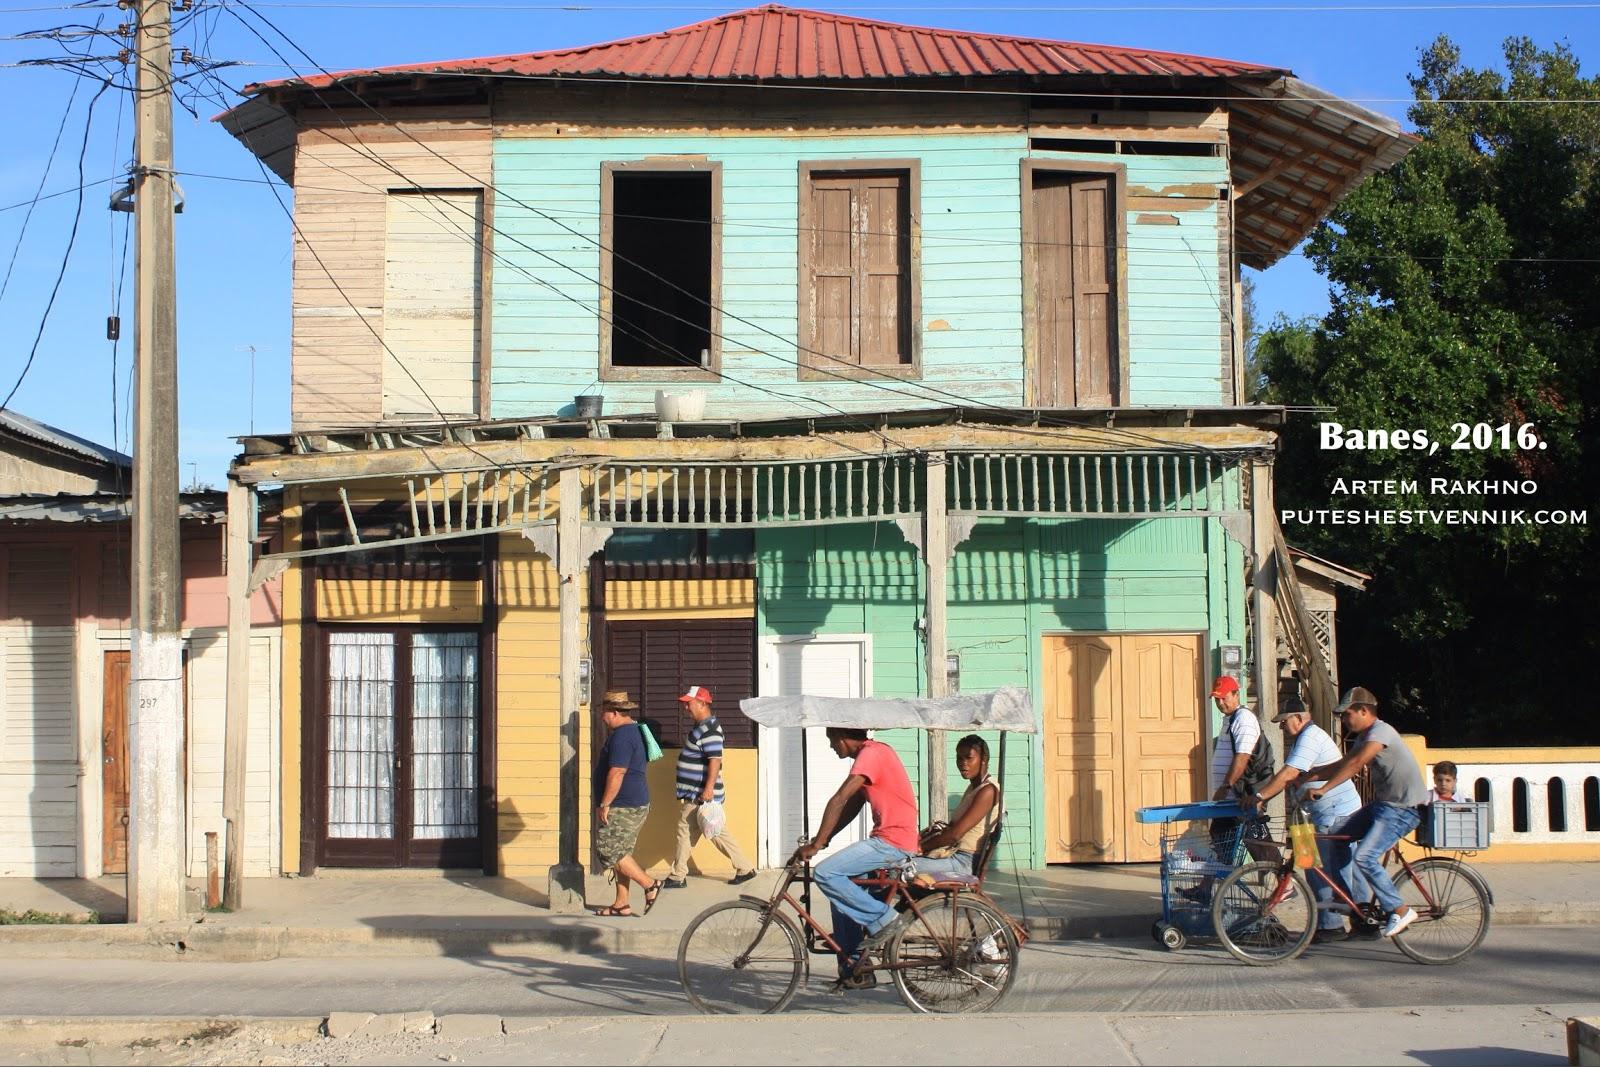 Жилище кубинцев в городе Банес